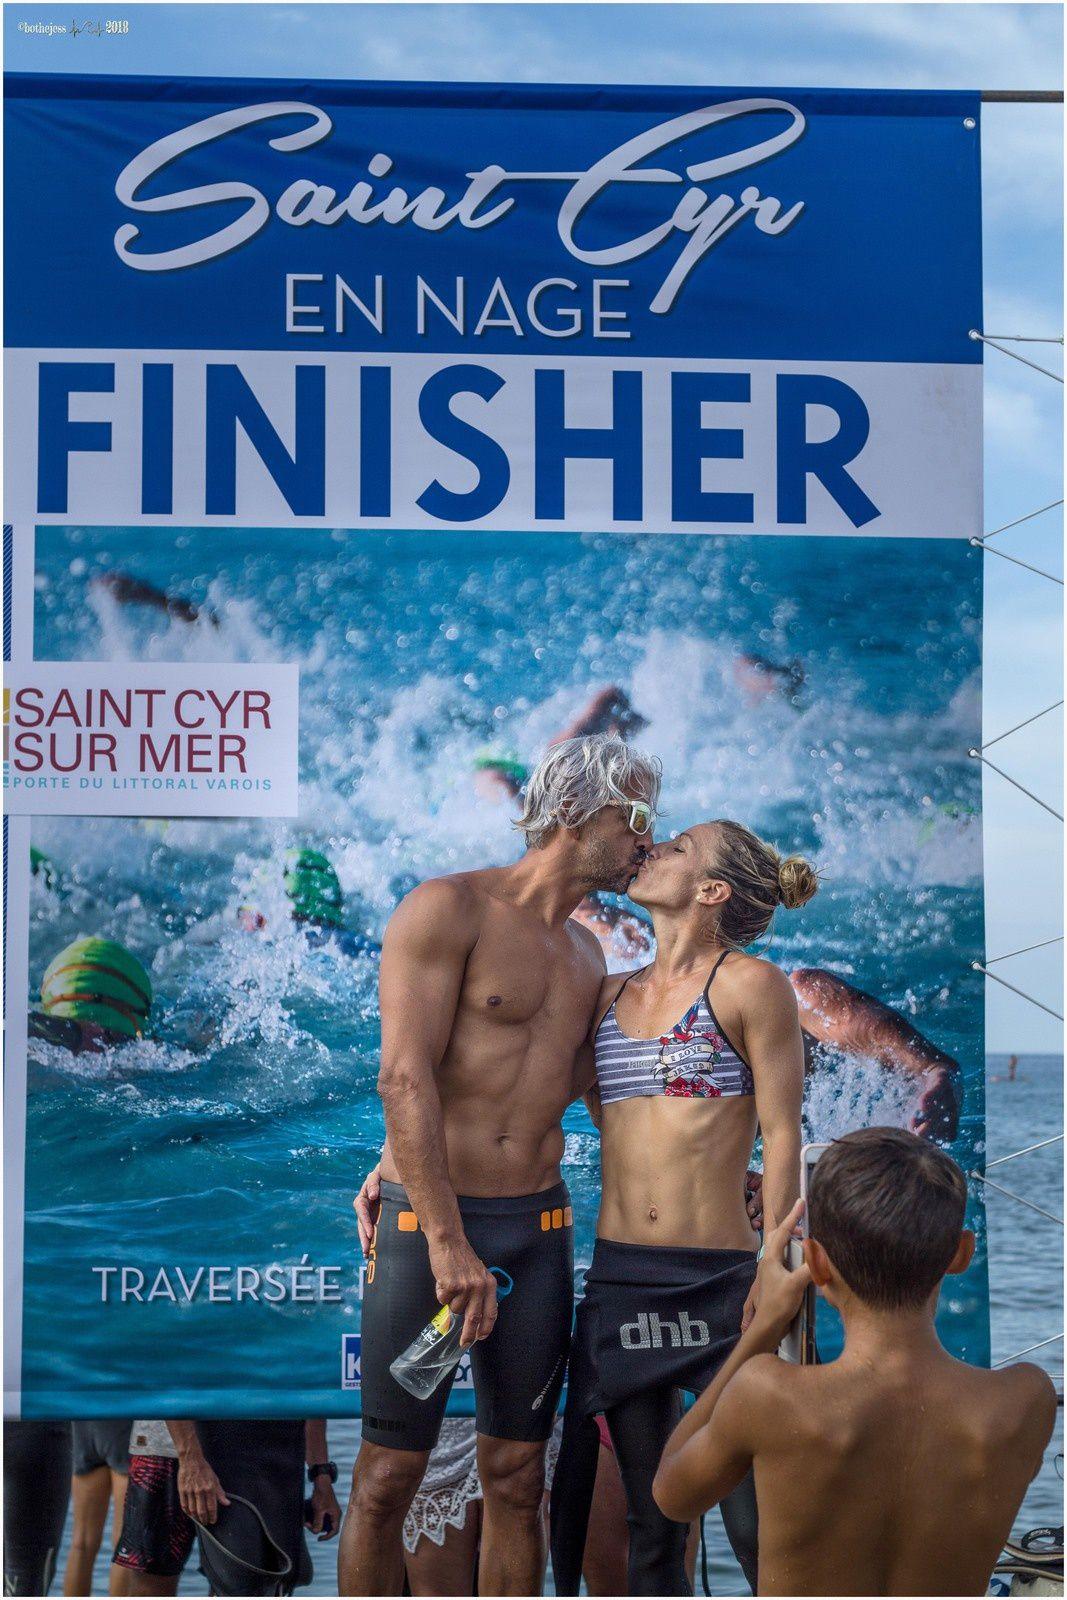 Saint Cyr en nage